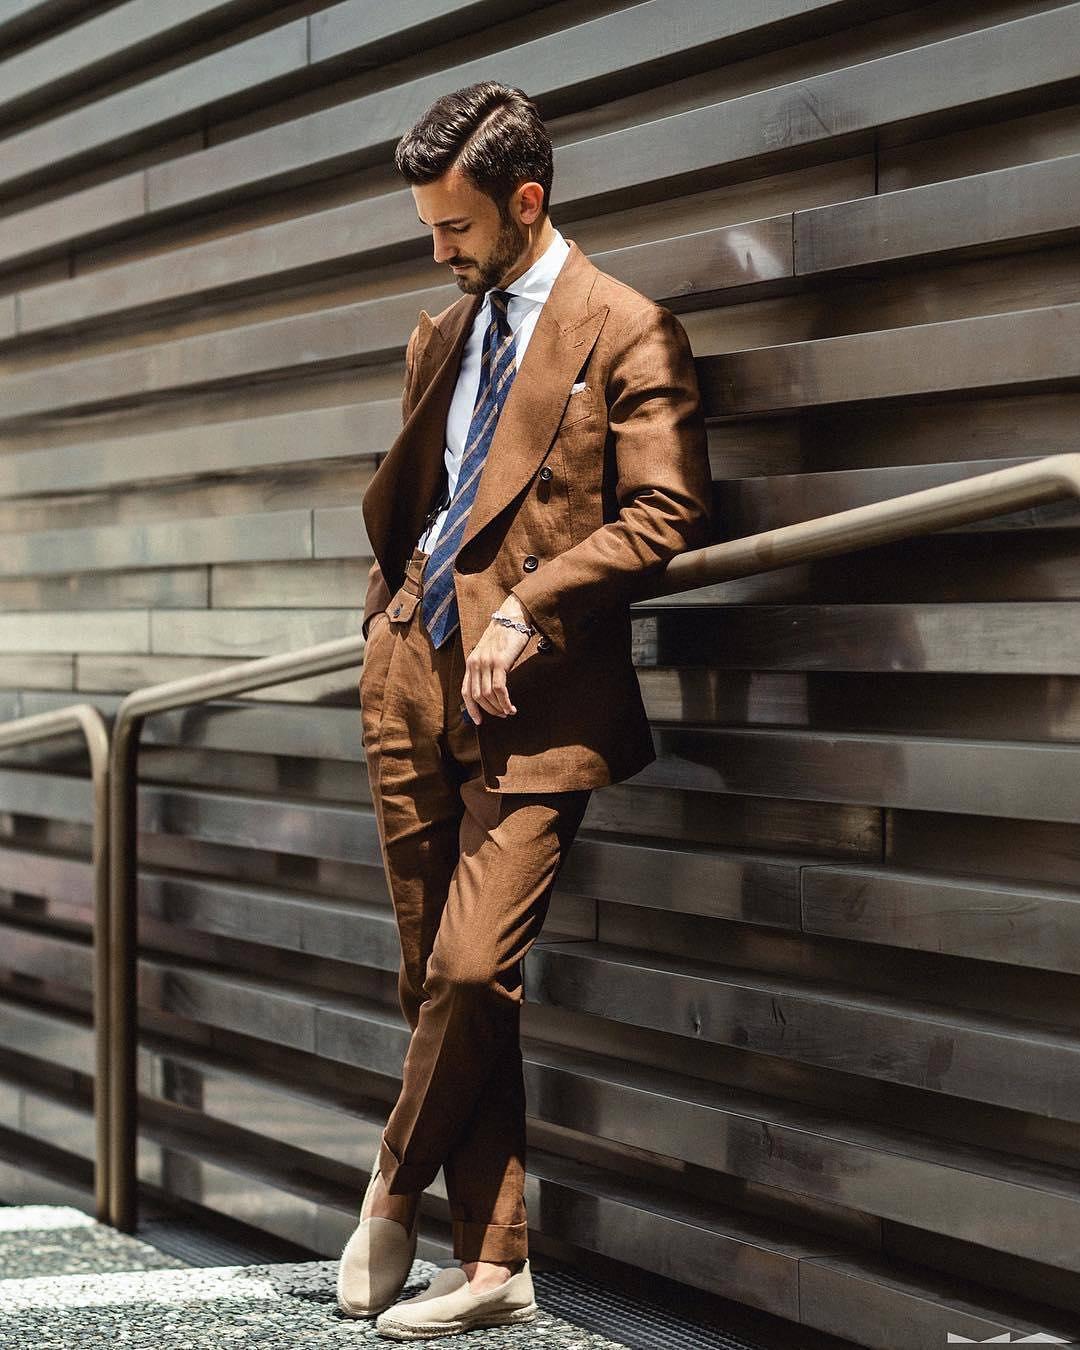 Le costume en lin permet de ne pas sembler sur-habillé malgré la présence d'une cravate et ainsi de ne pas jurer avec les espadrilles. Source : Milad Abedi